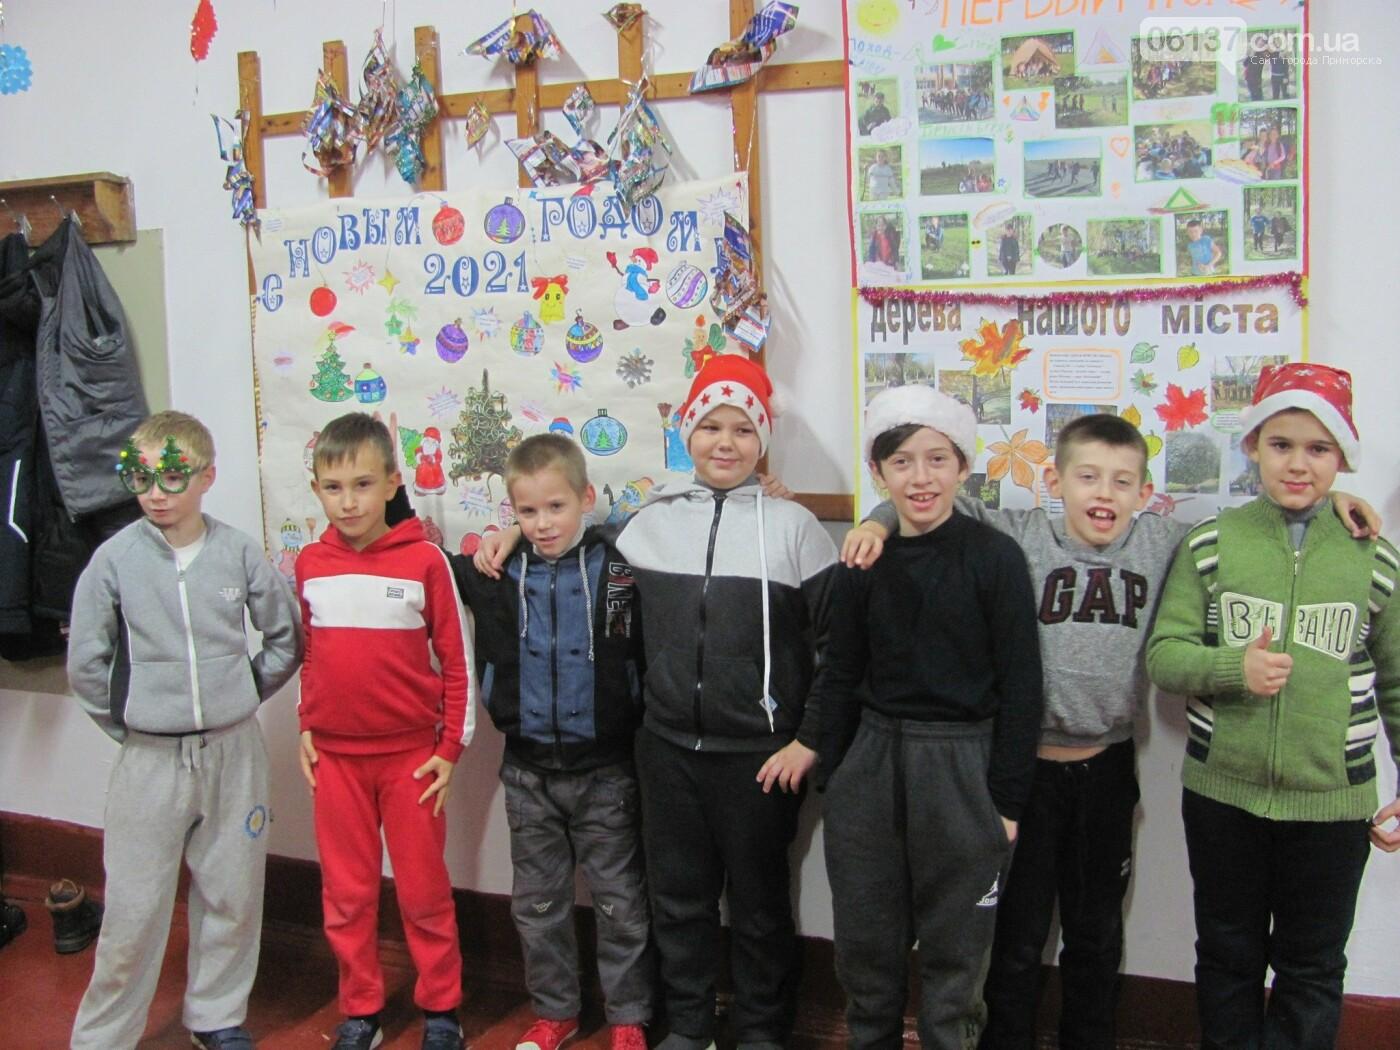 Приморські туристи-оптимісти весело відсвяткували День Святого Миколая, фото-1